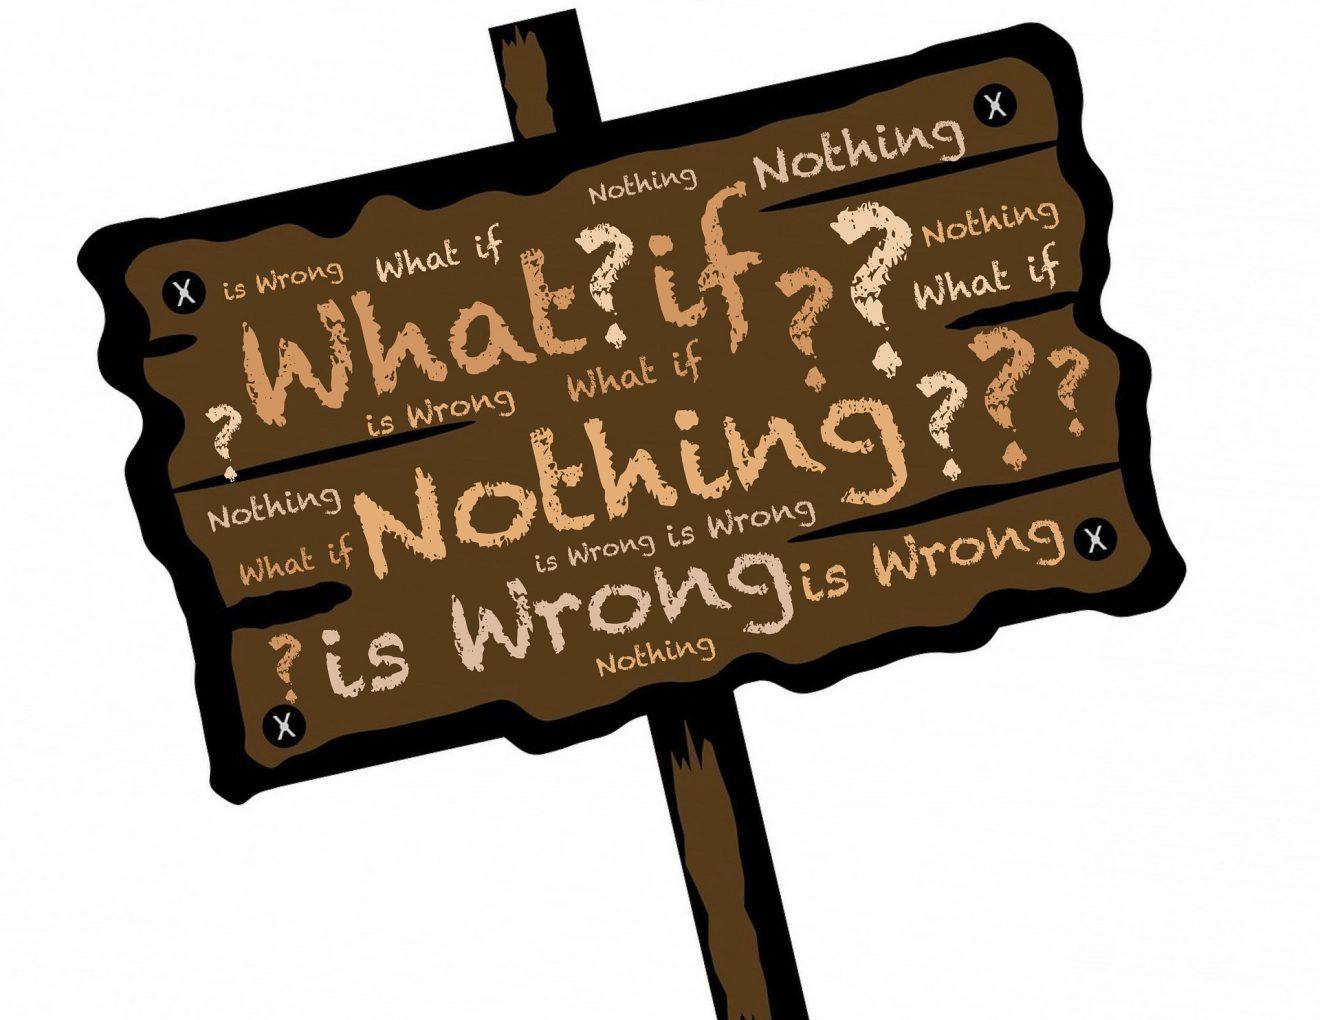 Yanlış Yapmak mı, Hiçbir Şey Yapmamak mı?